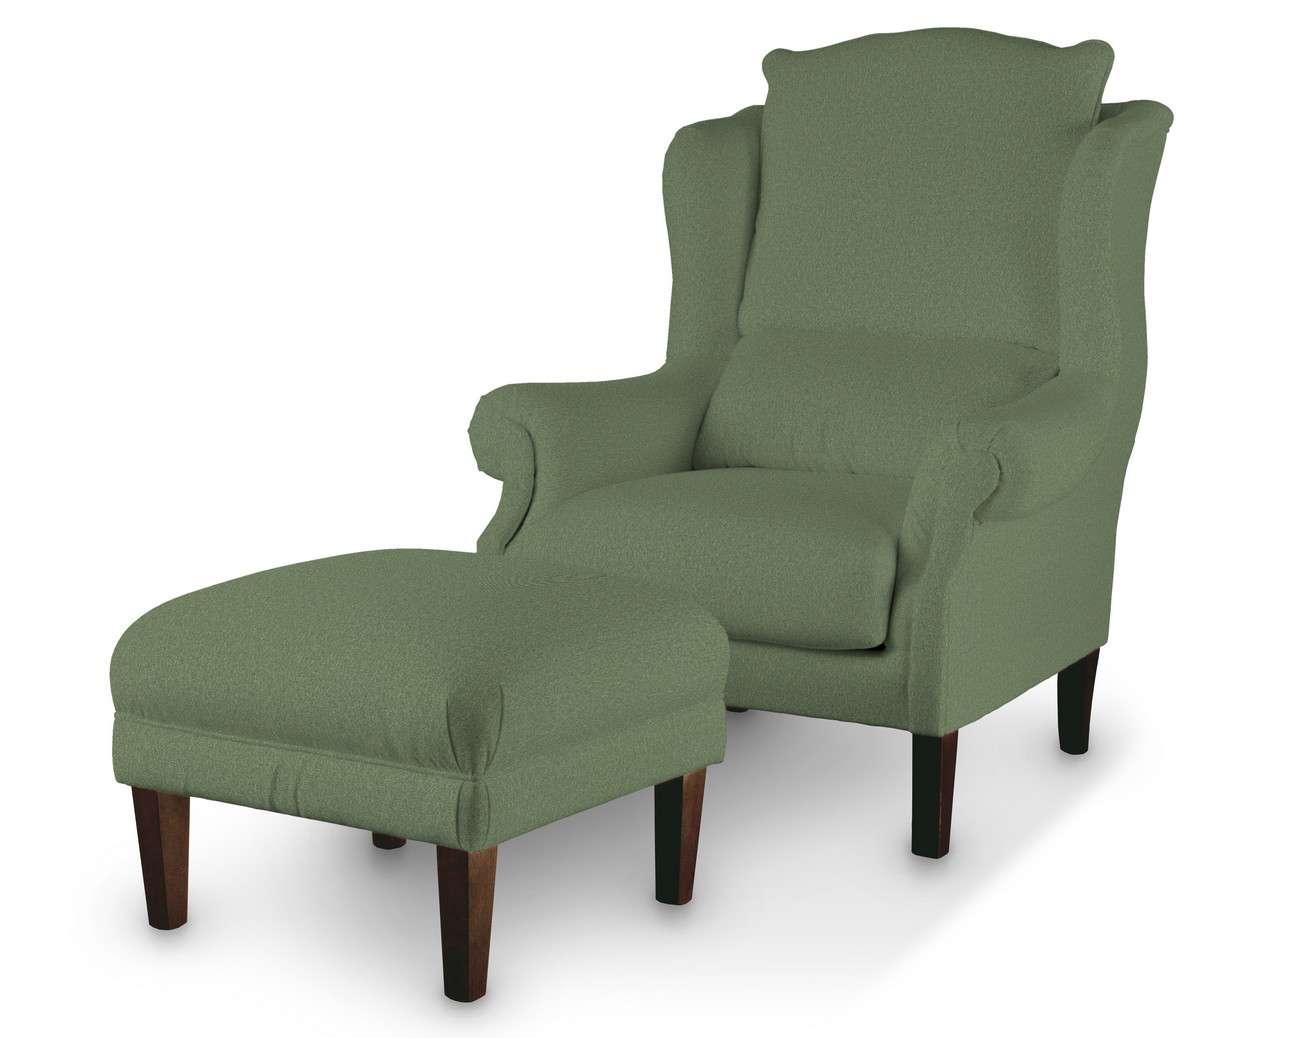 Podnóżek do fotela w kolekcji Amsterdam, tkanina: 704-44